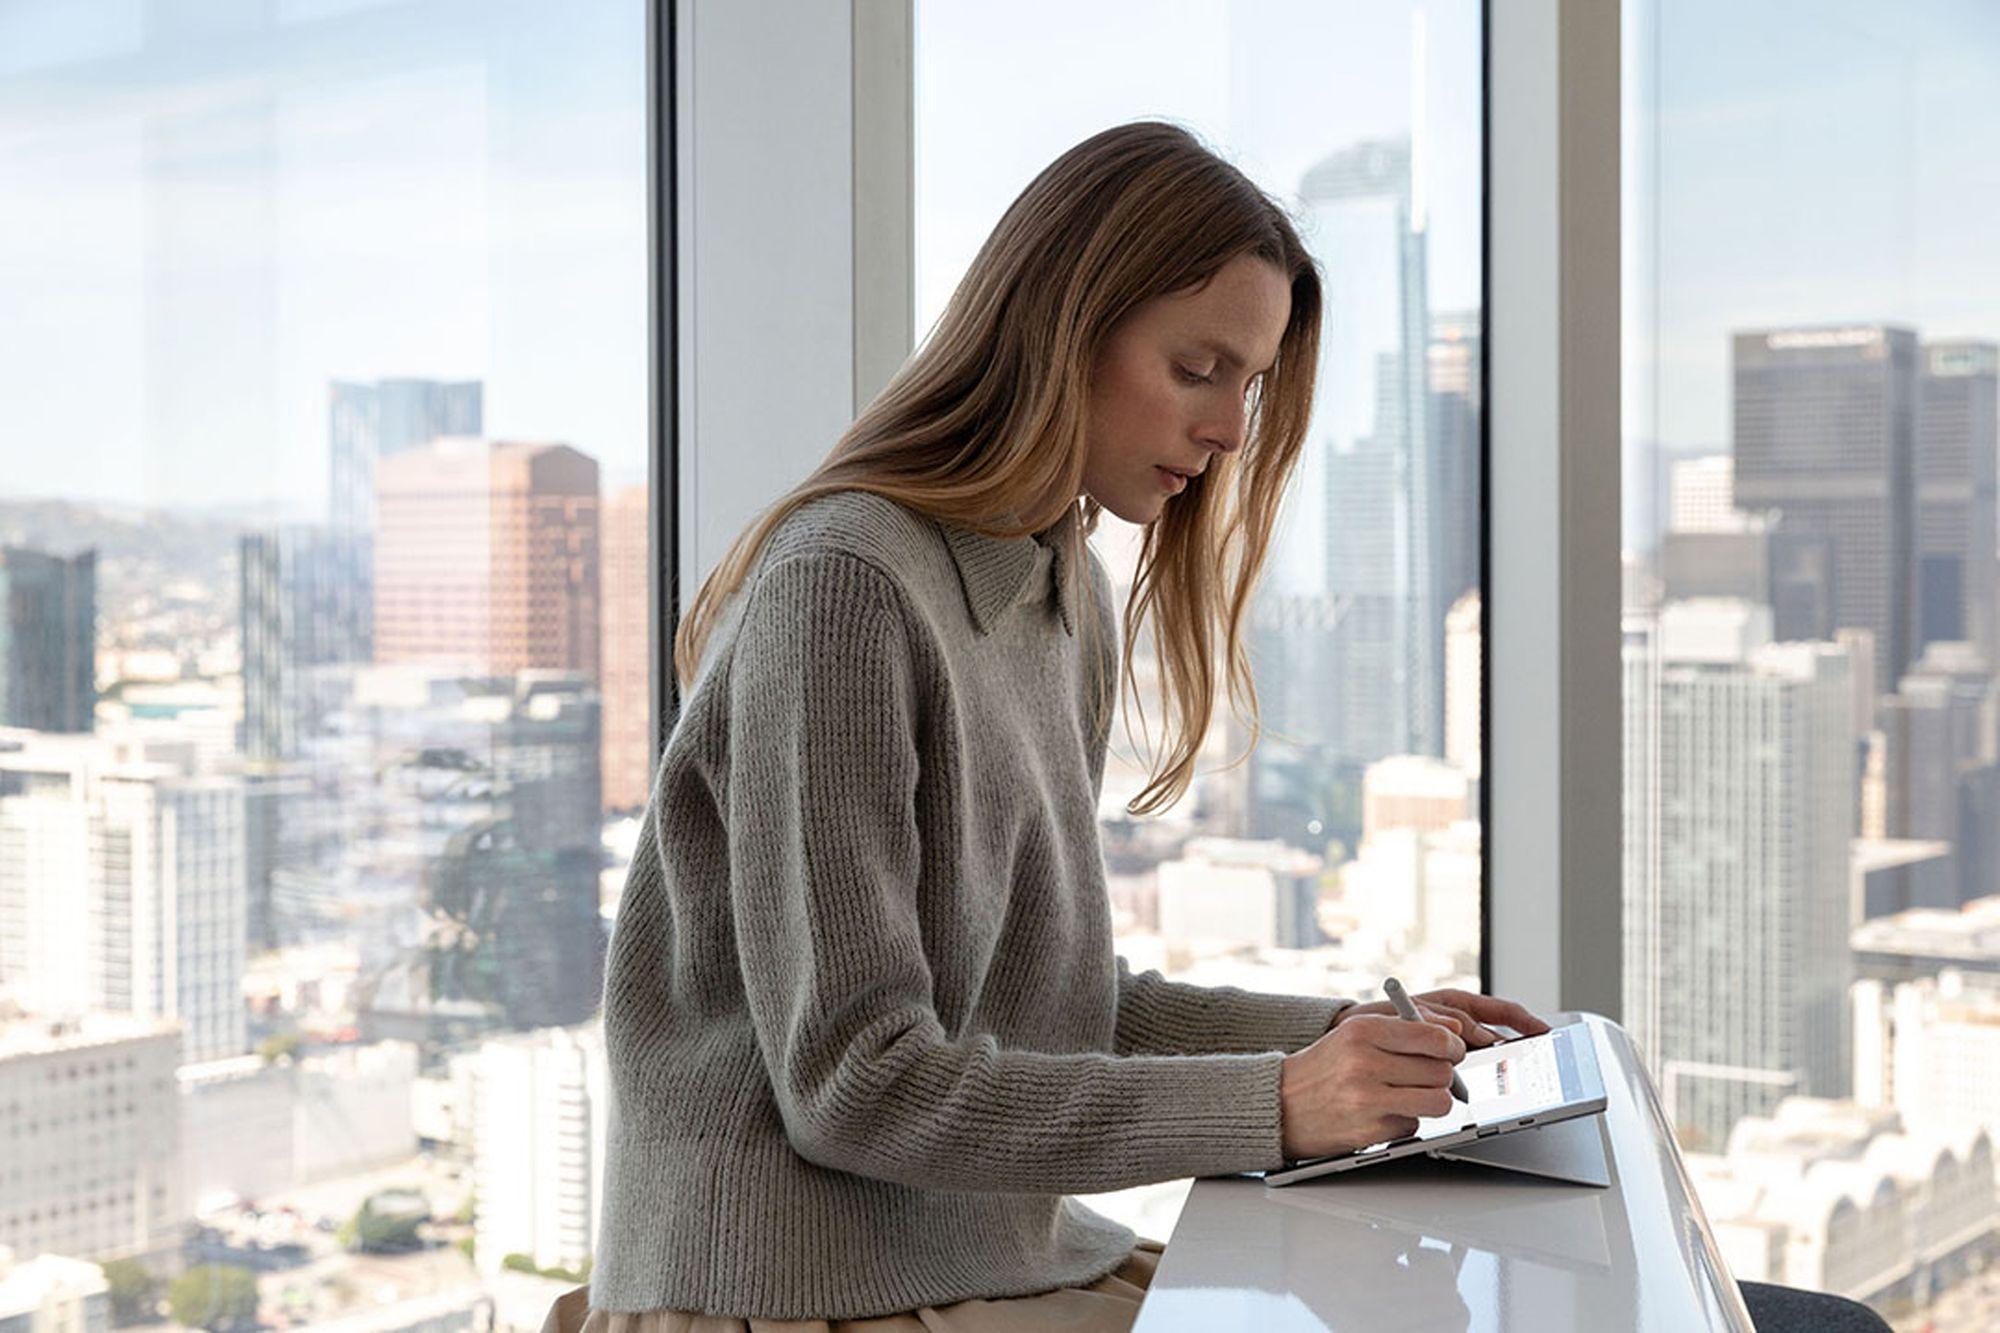 Eine Frau sitzt an einem Tisch vor einer Fensterwand, hinter der eine Großstadt zu sehen ist. Sie arbeitet mit dem Surface Pen auf dem Surface Pro 7